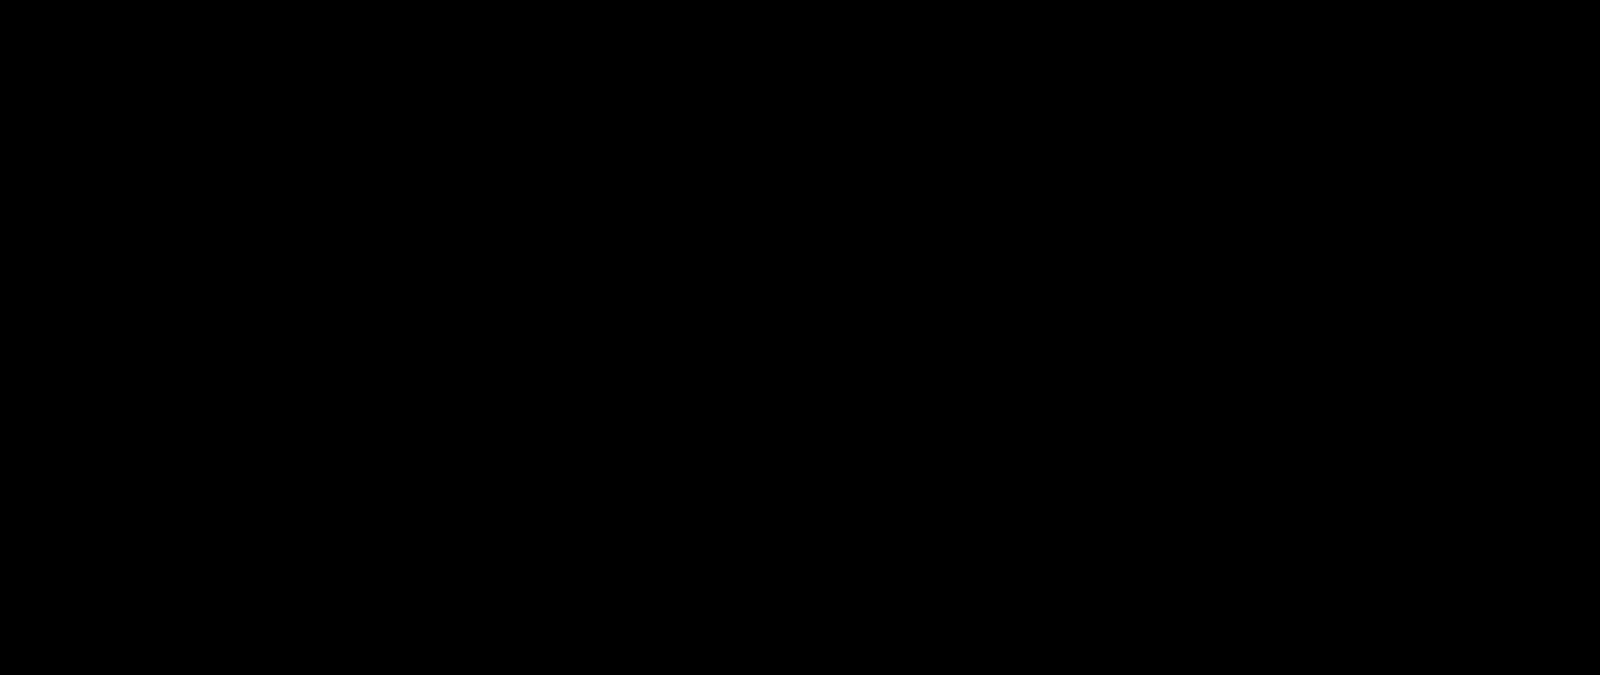 clip library stock Resultado de imagen para logos personajes png